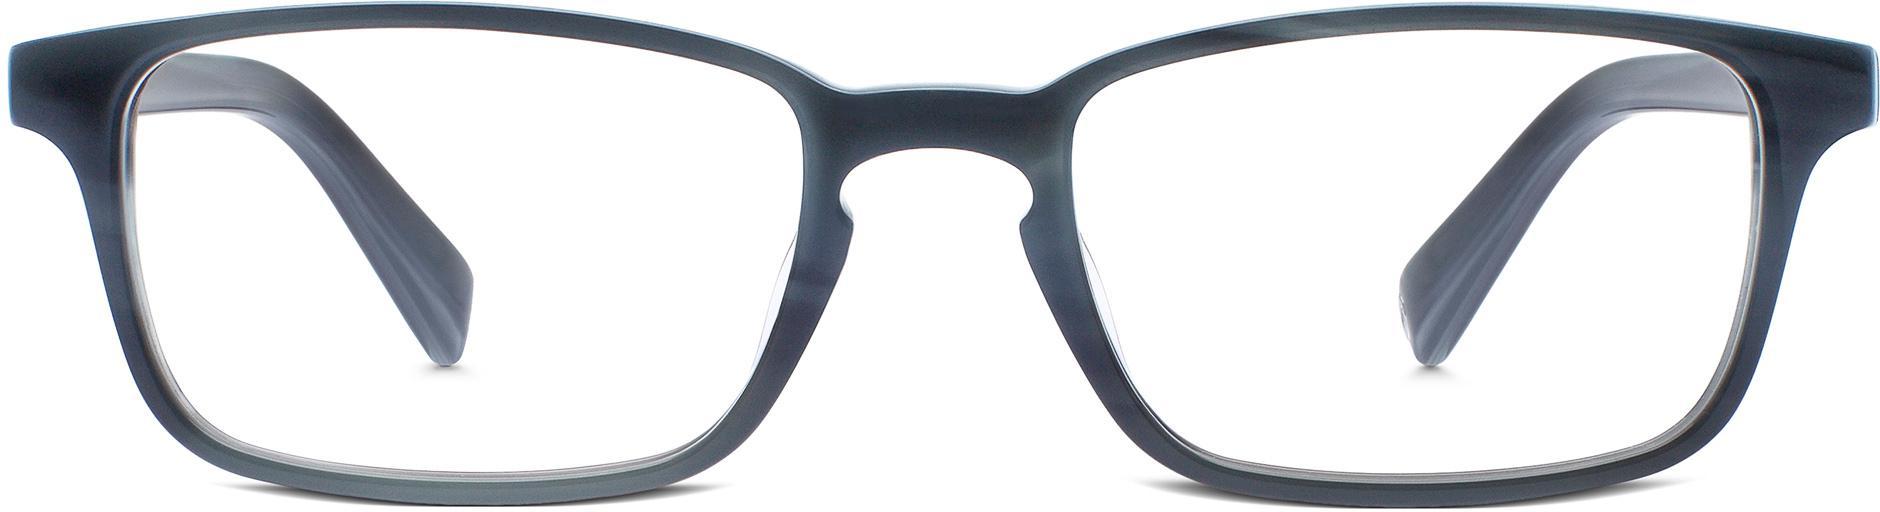 3847fd11deb Women s Eyeglasses